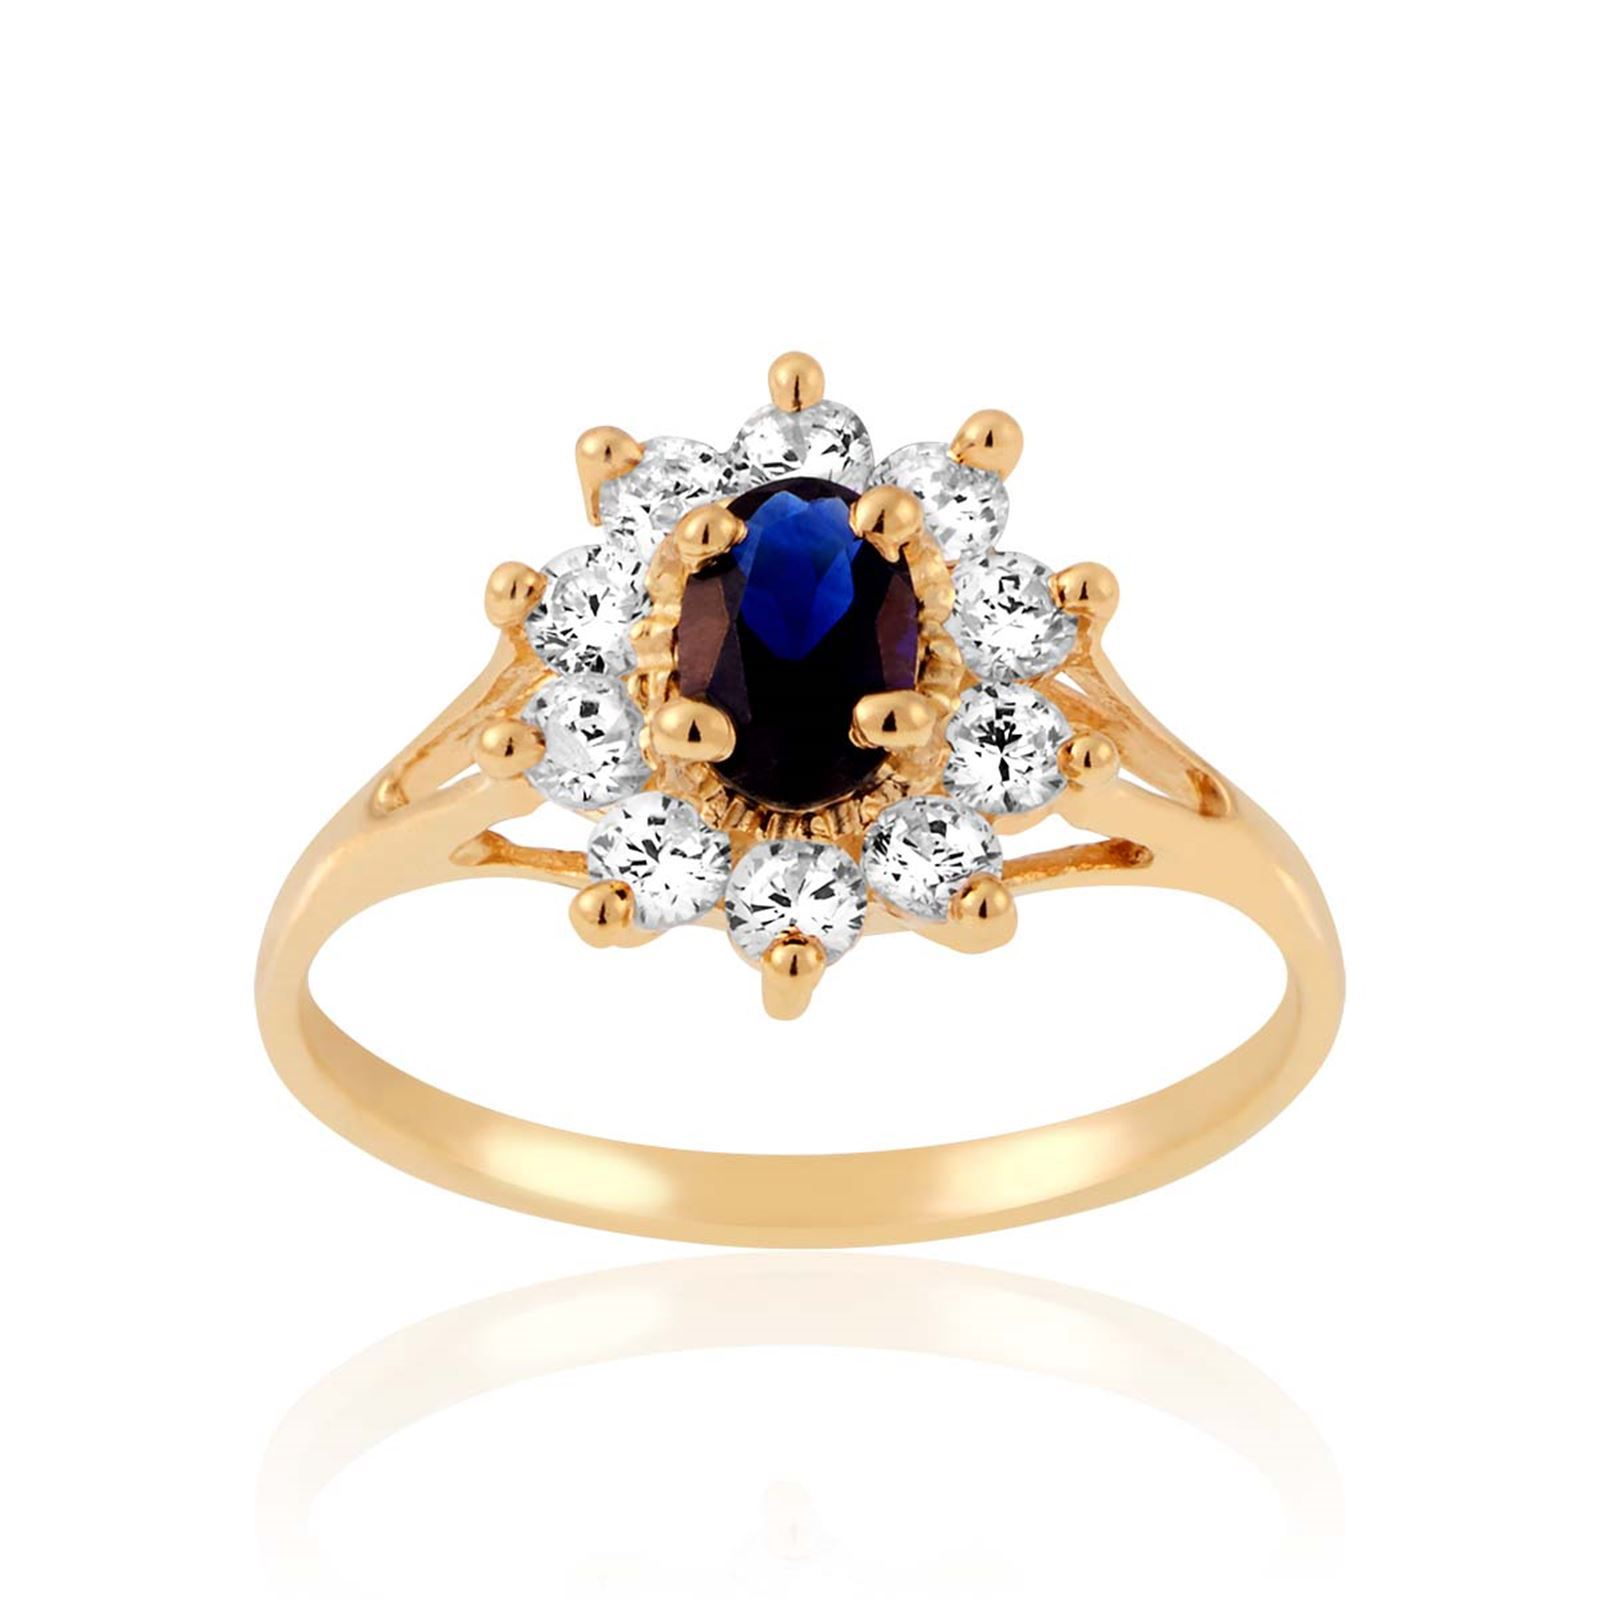 Cleor Bague en or et oxyde bleu - Bague Femme Brandalley - Ventes ... a6e7d65bb15a